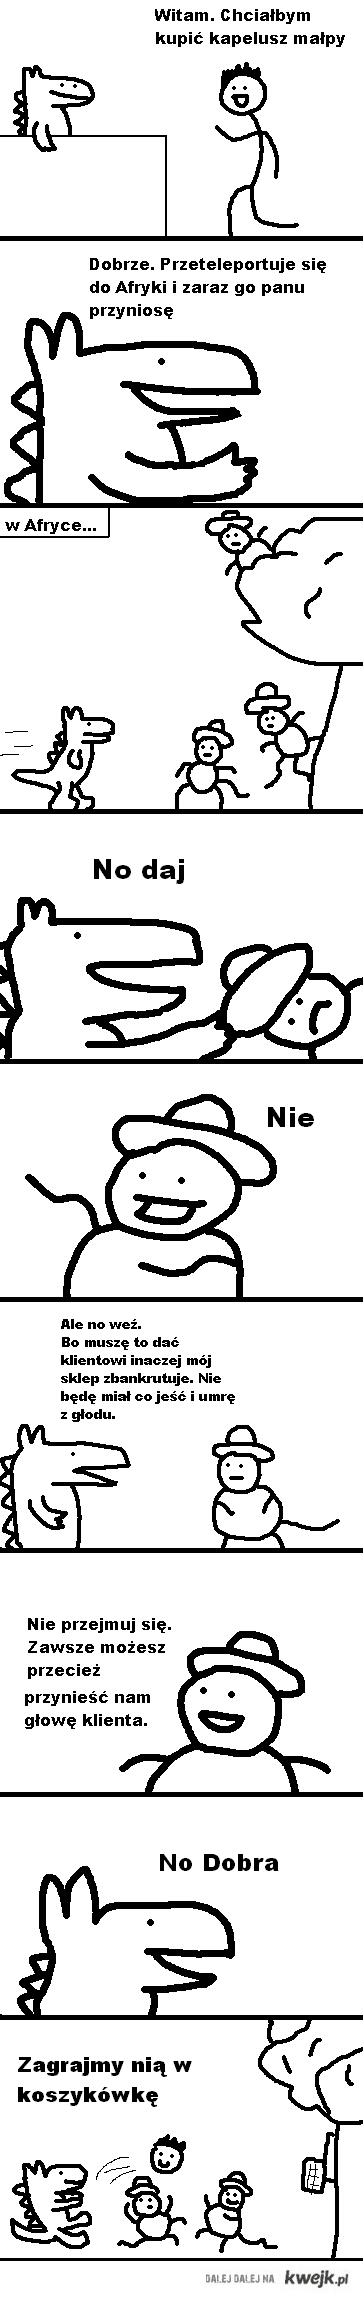 kapelush maupy